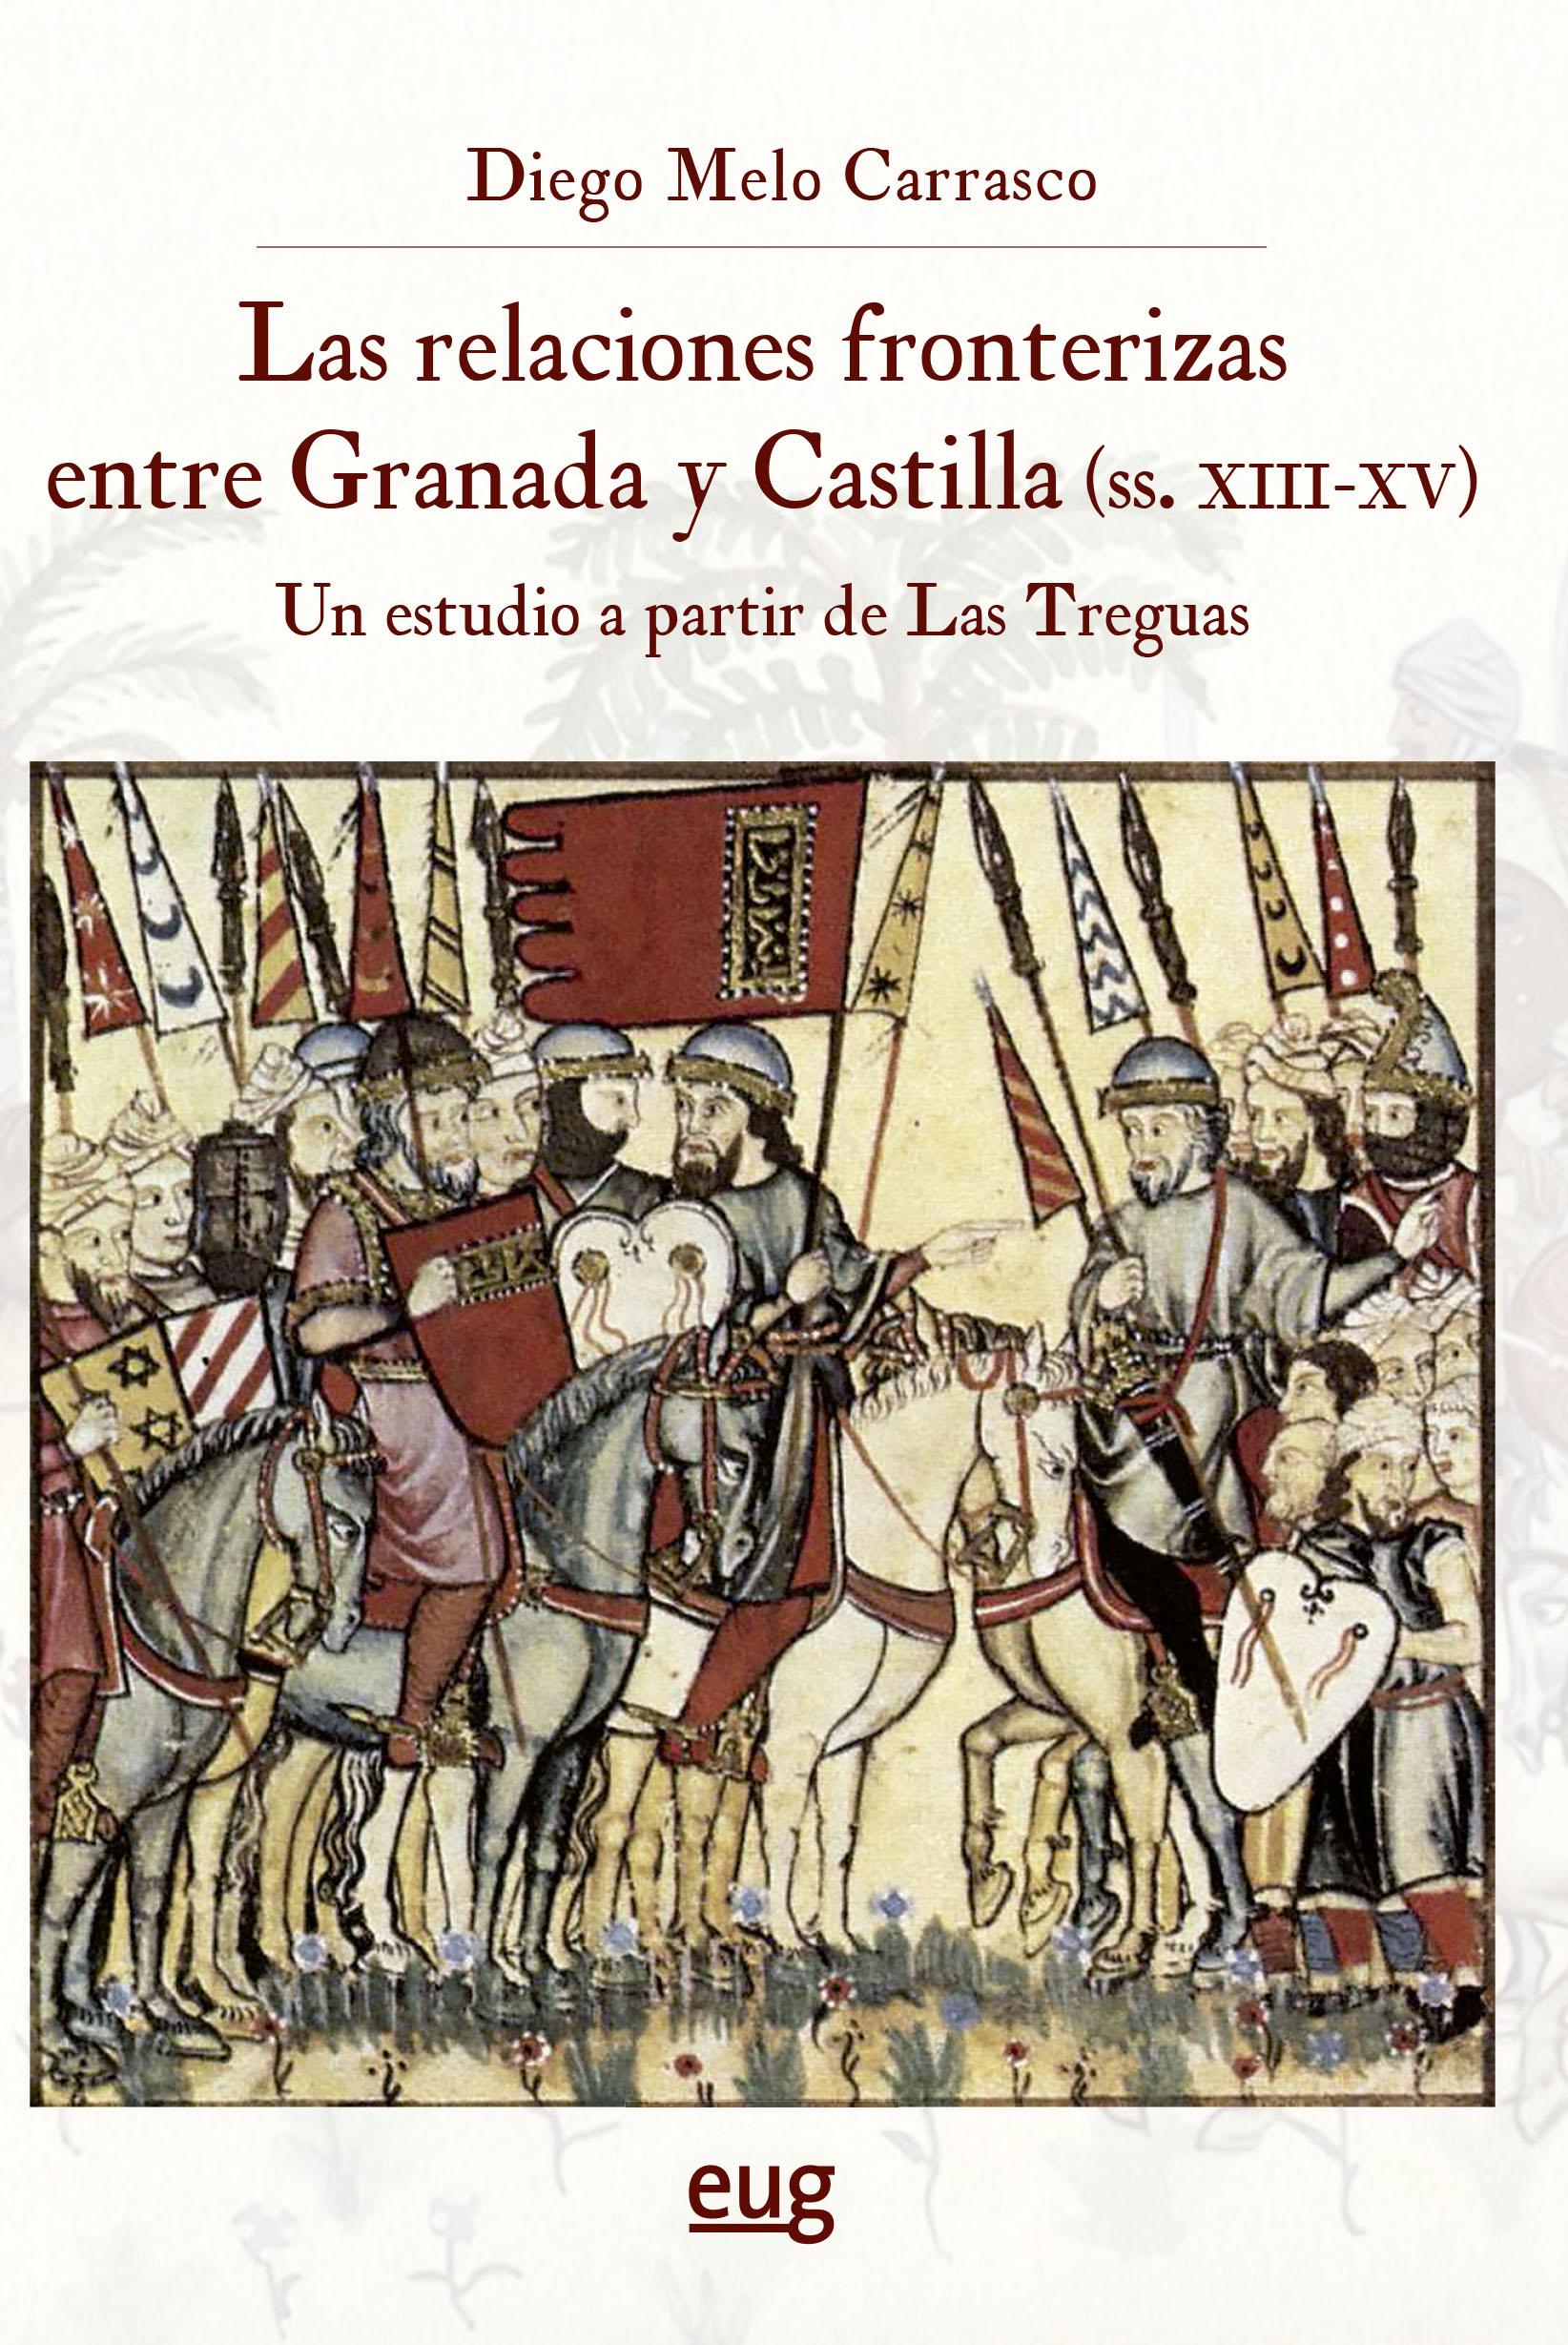 Las relaciones fronterizas entre Granada y Castilla (siglos XIII-XV)   «un estudio a partir de Las Treguas»